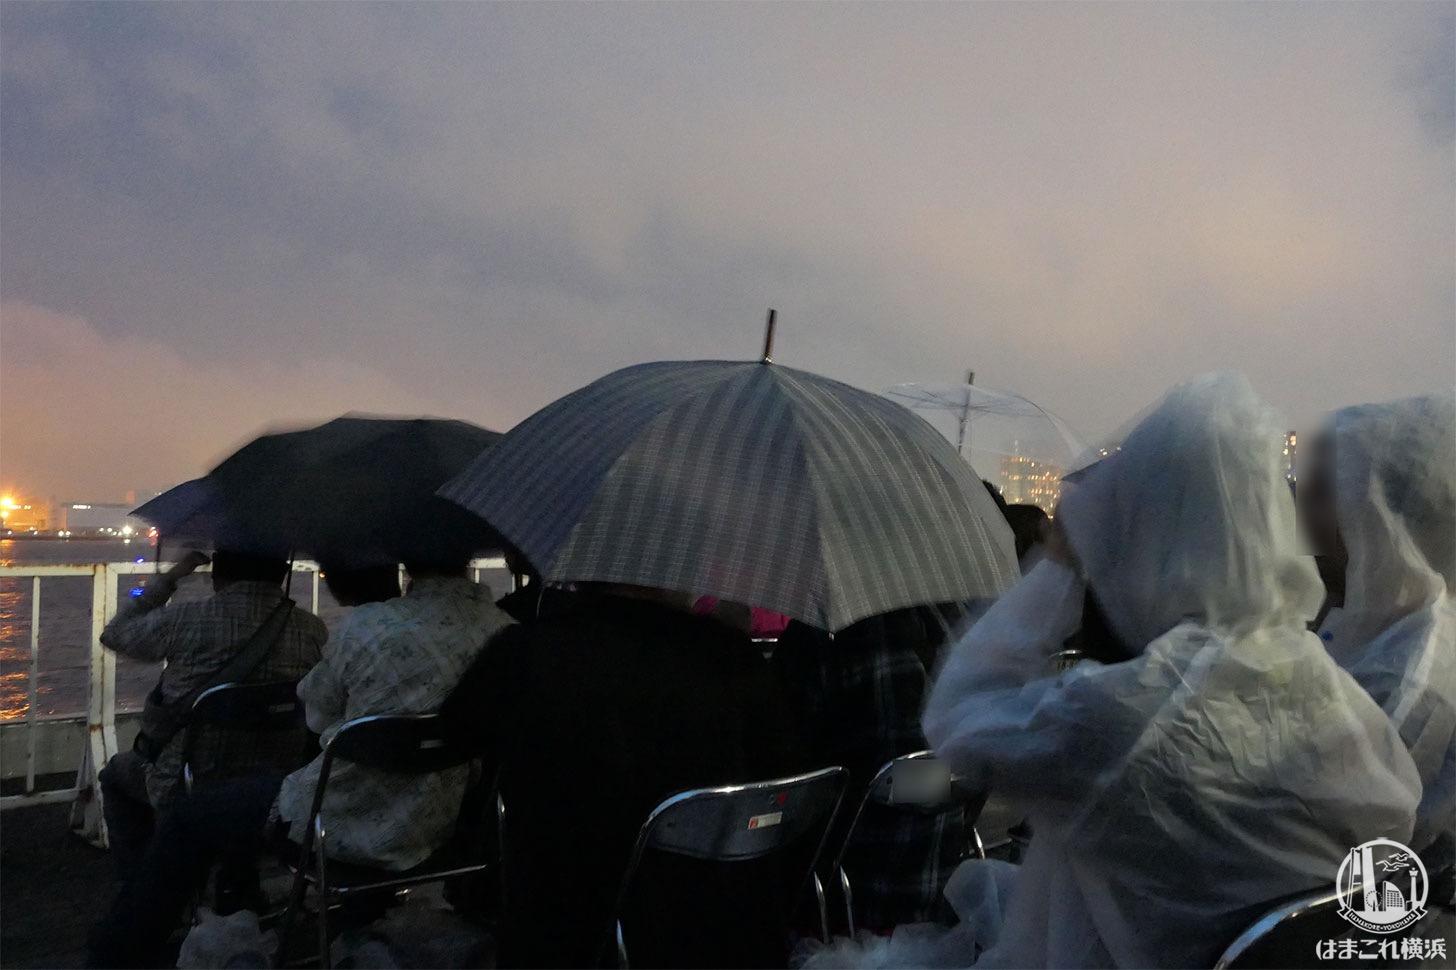 横浜スパークリングトワイライト 大さん橋 ペア席、雨の中